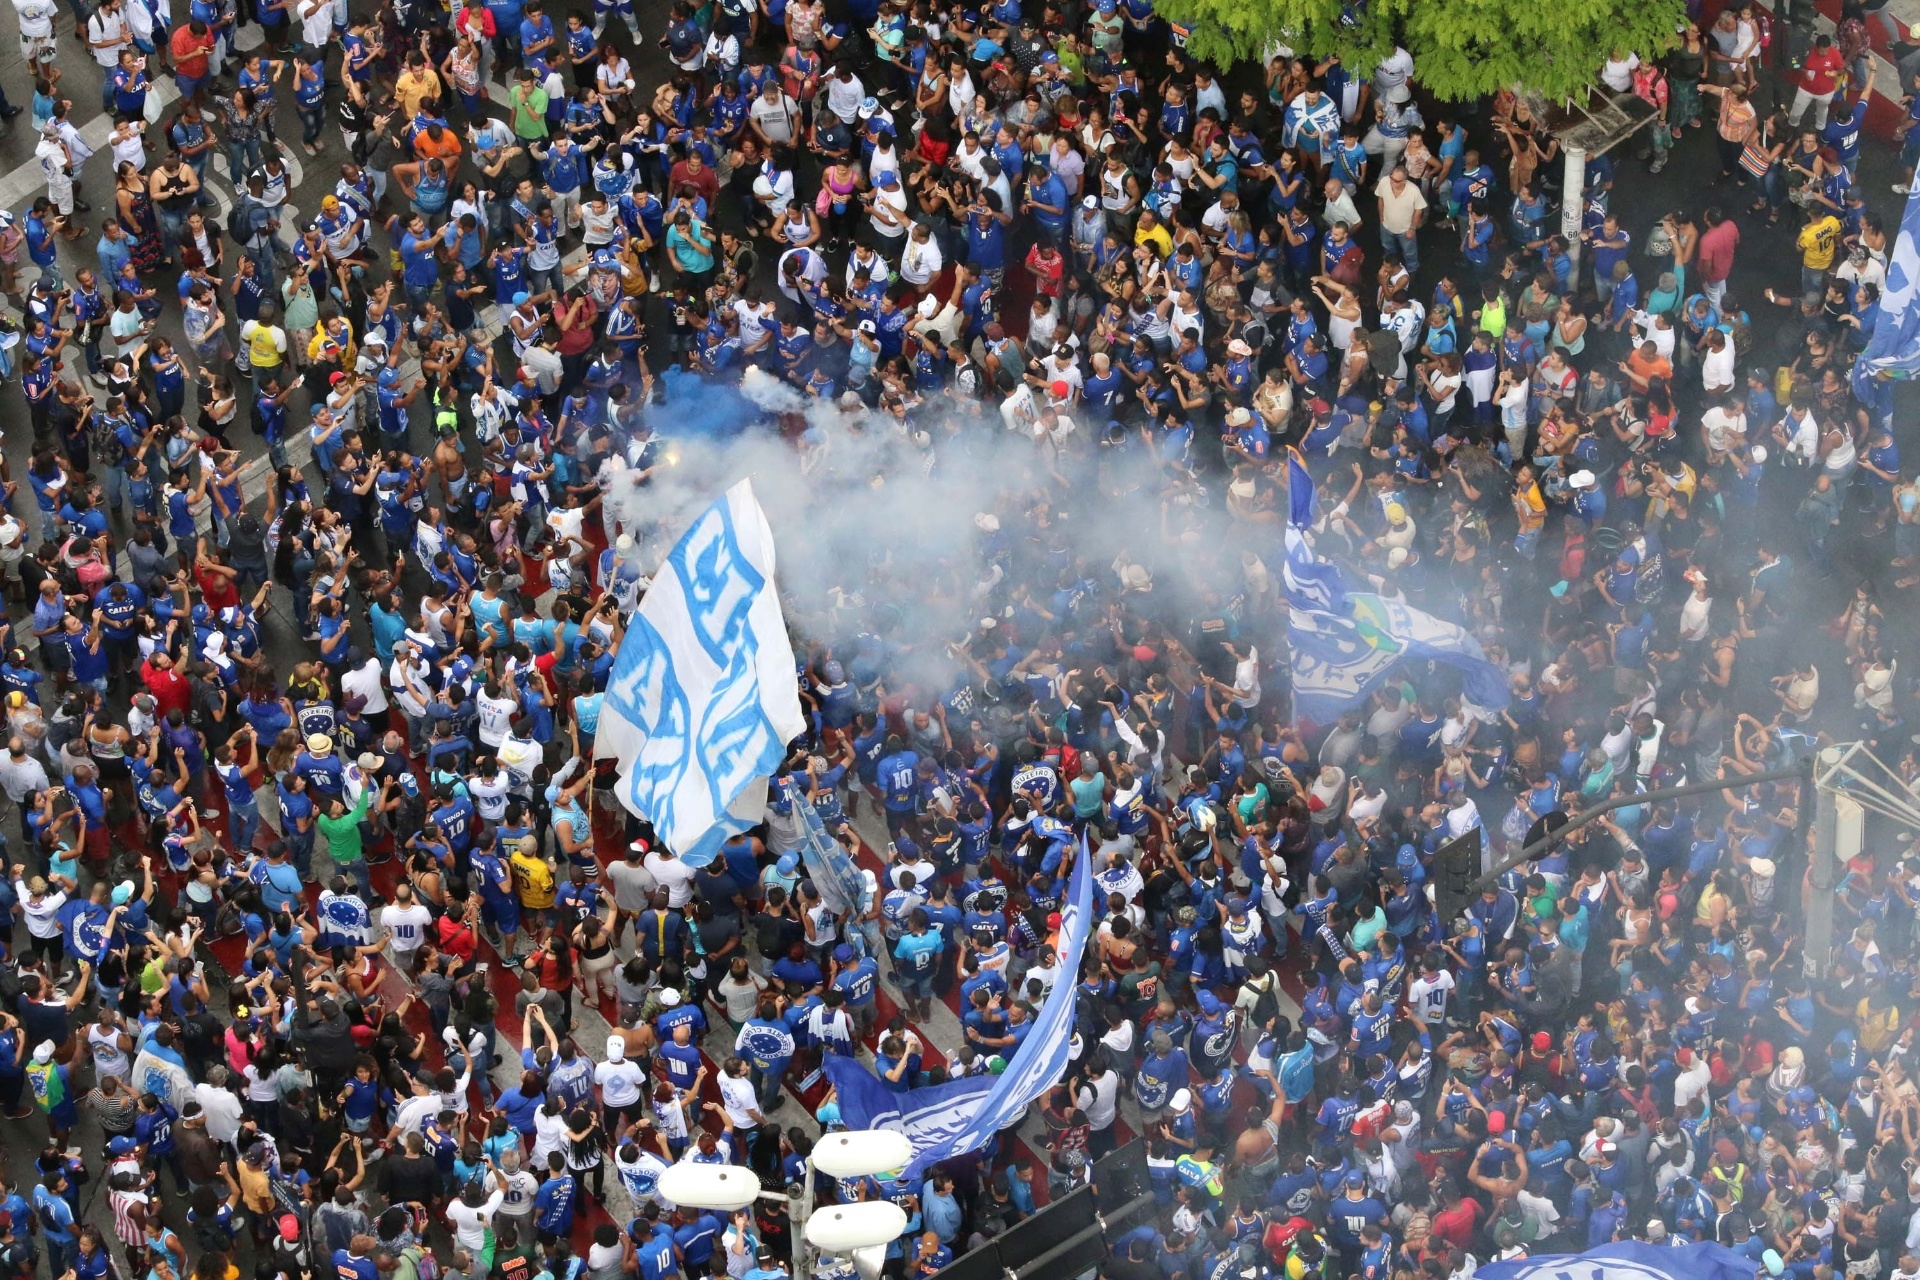 Cruzeiro desfila em carro aberto com festa da torcida e provocações a Kalil  - Esporte - BOL e6e8399edc8bf